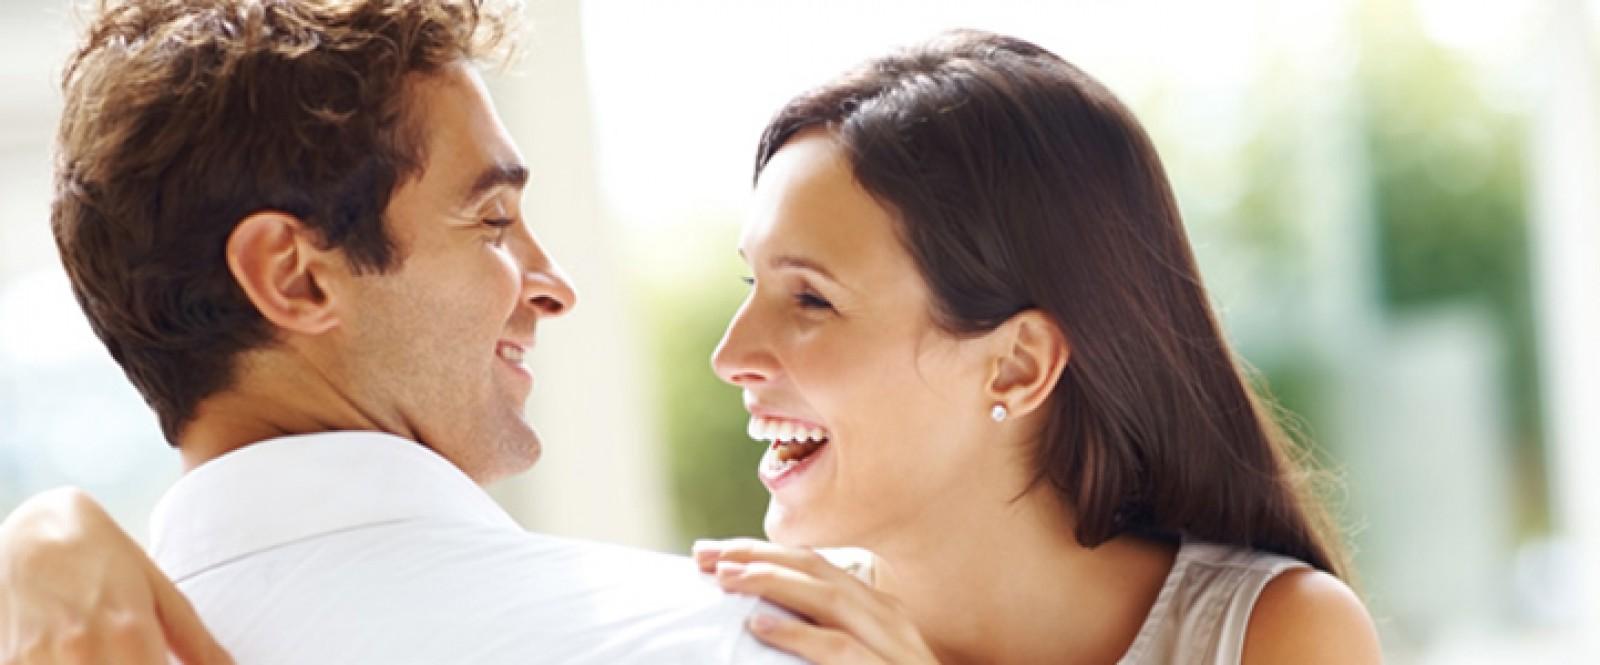 12 diferențe dintre inima unei femei și inima unui bărbat